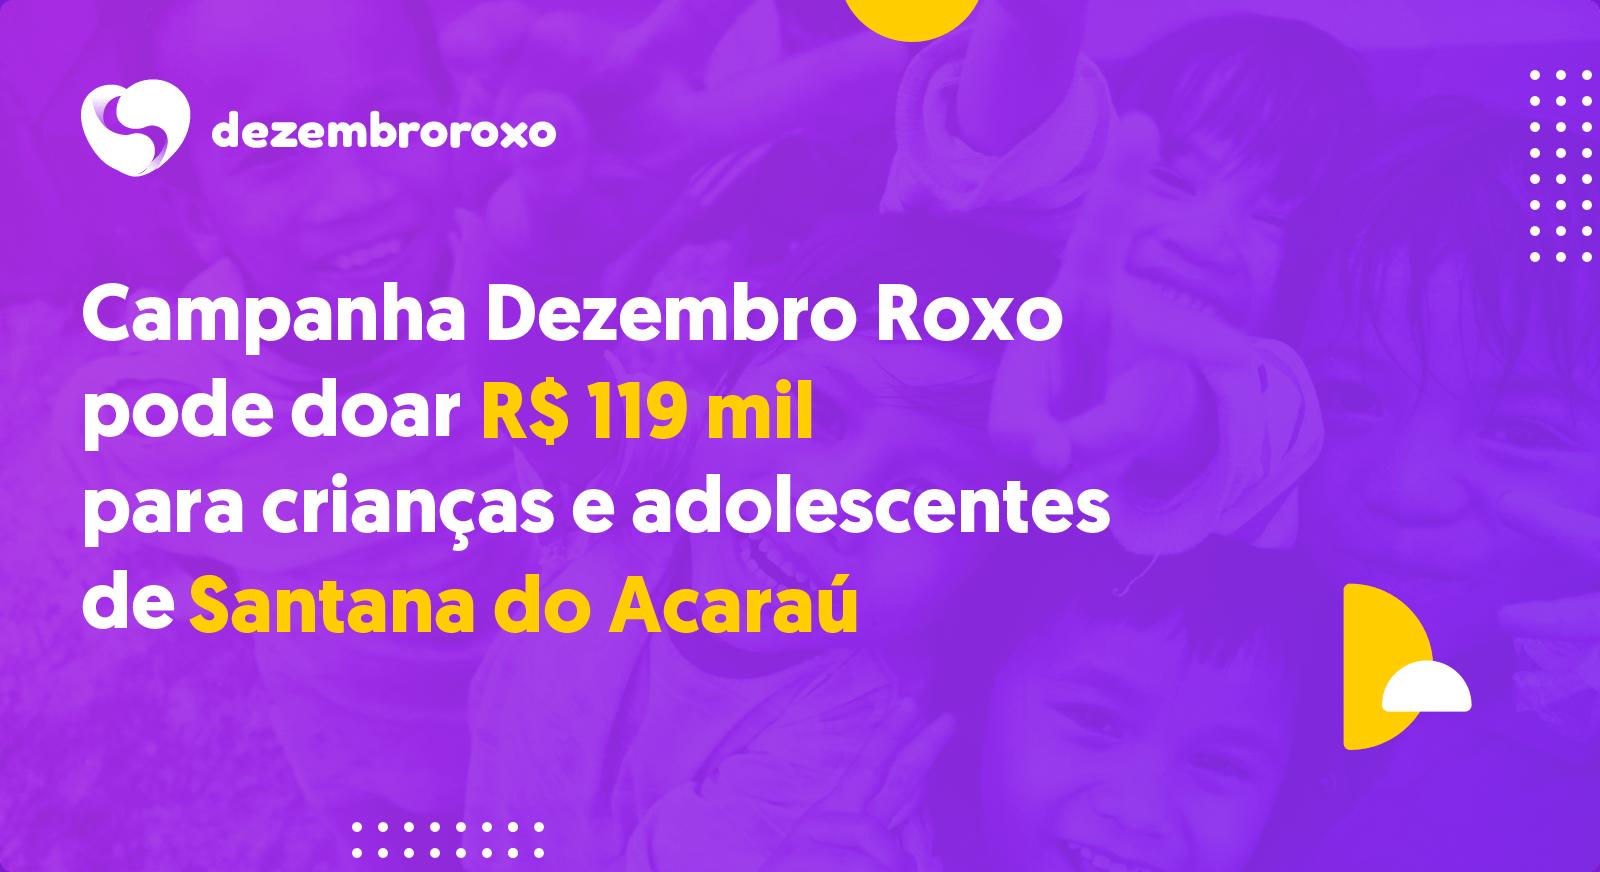 Doações em Santana do Acaraú - CE